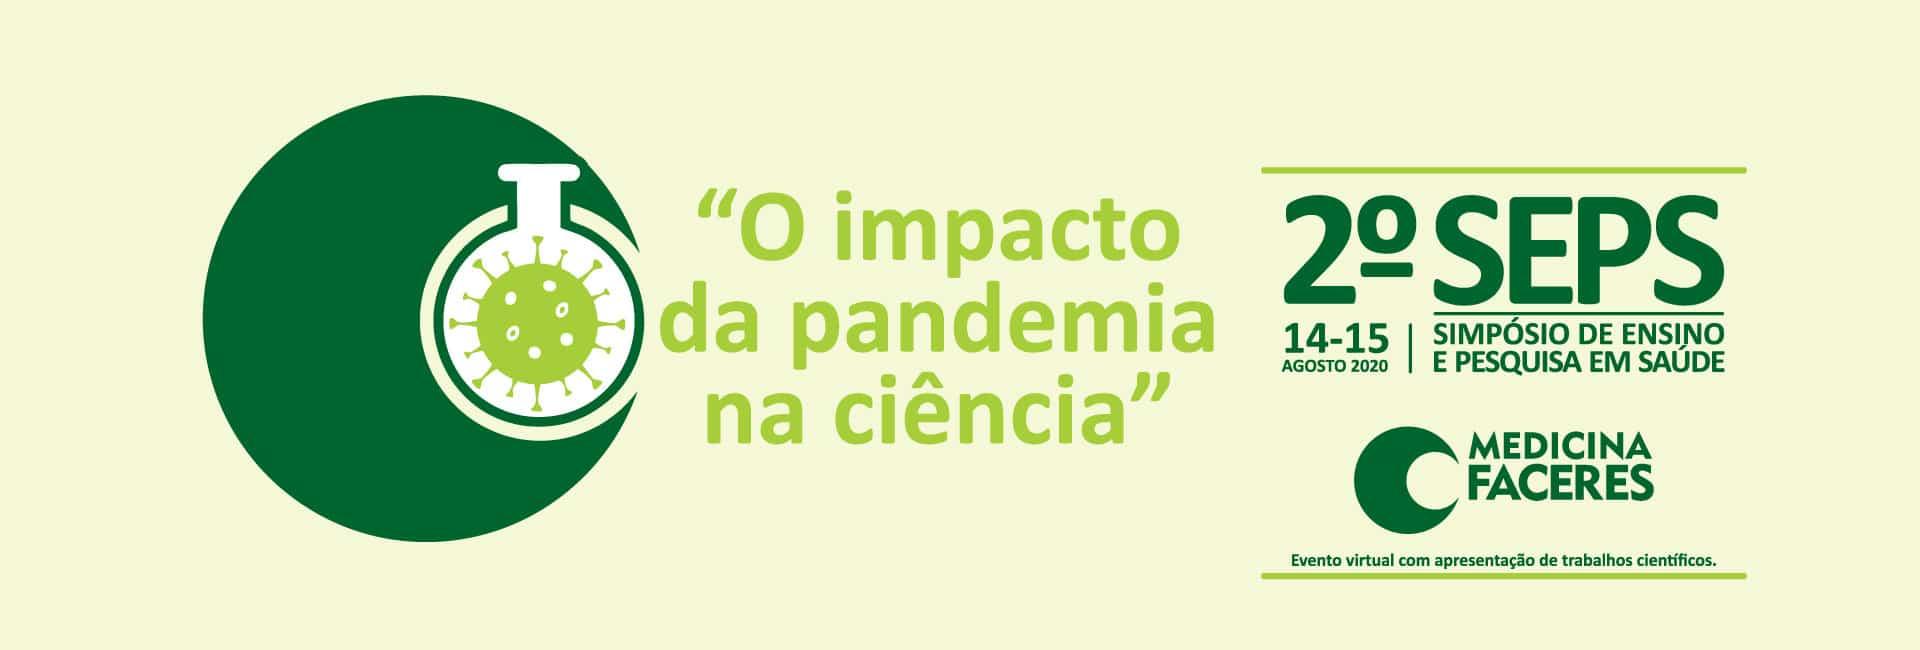 Simpósio de Ensino e Pesquisa em Saúde aborda impacto da pandemia na ciência entre profissionais, docentes e estudantes